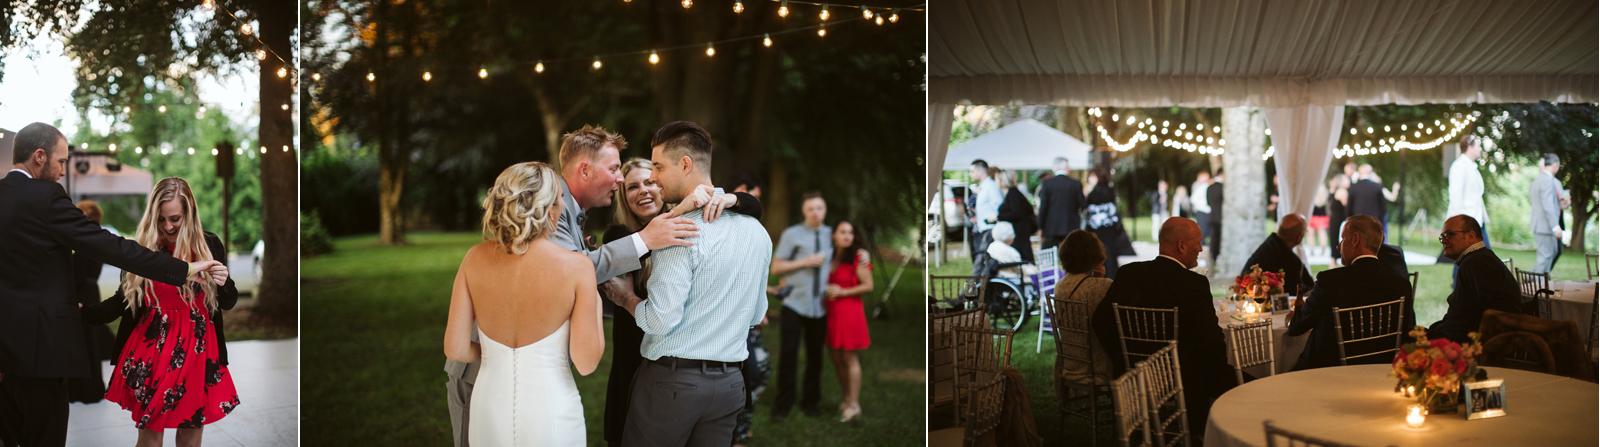 186-daronjackson-gabby-alec-wedding.jpg